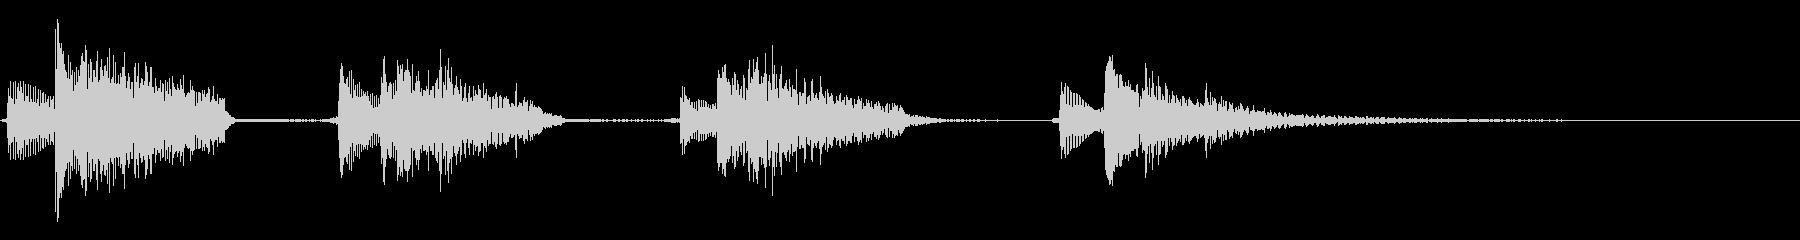 バンジョー:ショートクライムアップ...の未再生の波形